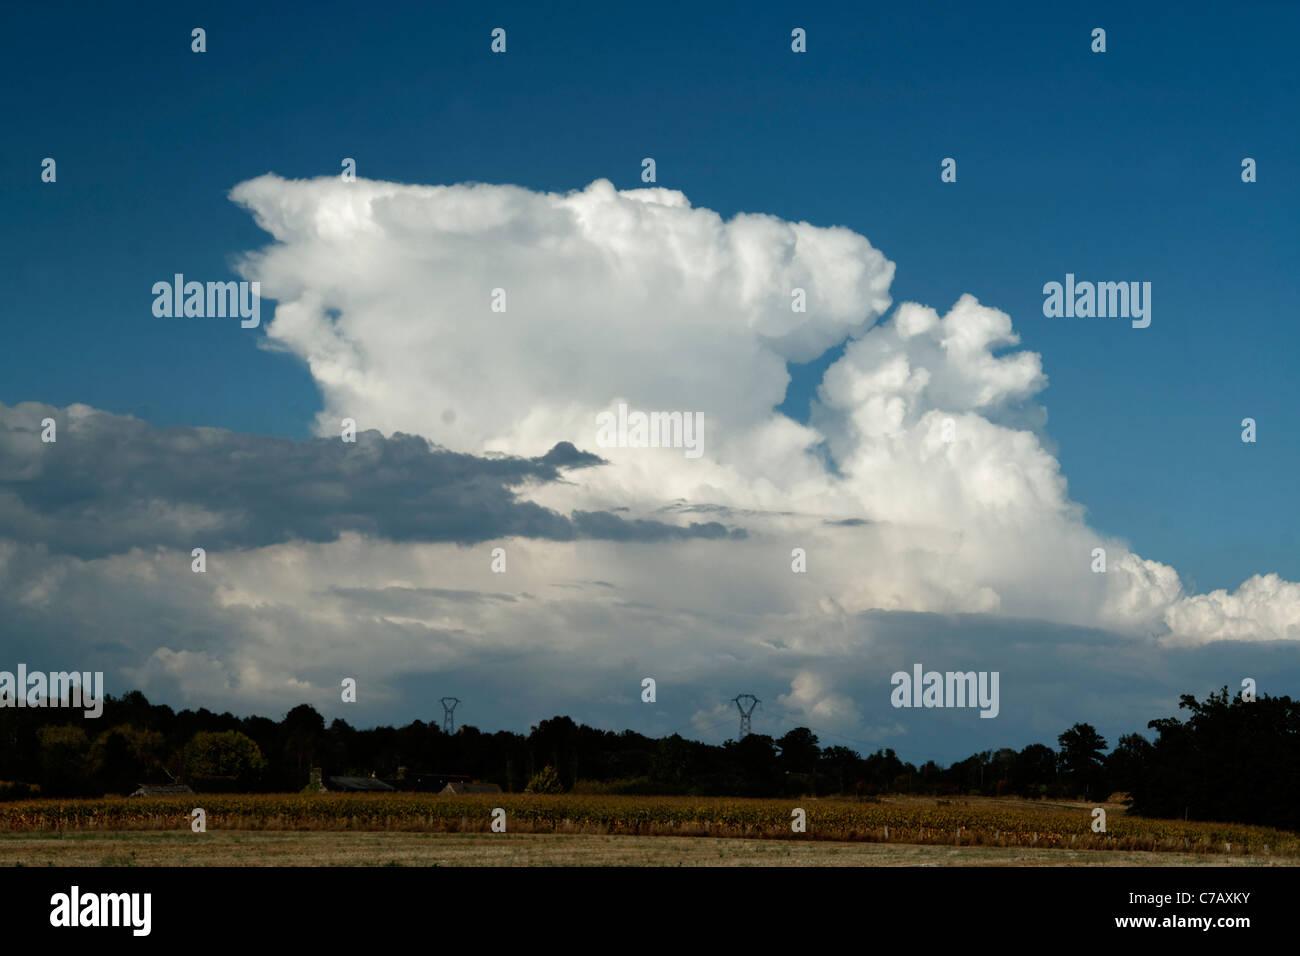 A beautiful cloud (Cumulonimbus) in the blue sky. - Stock Image